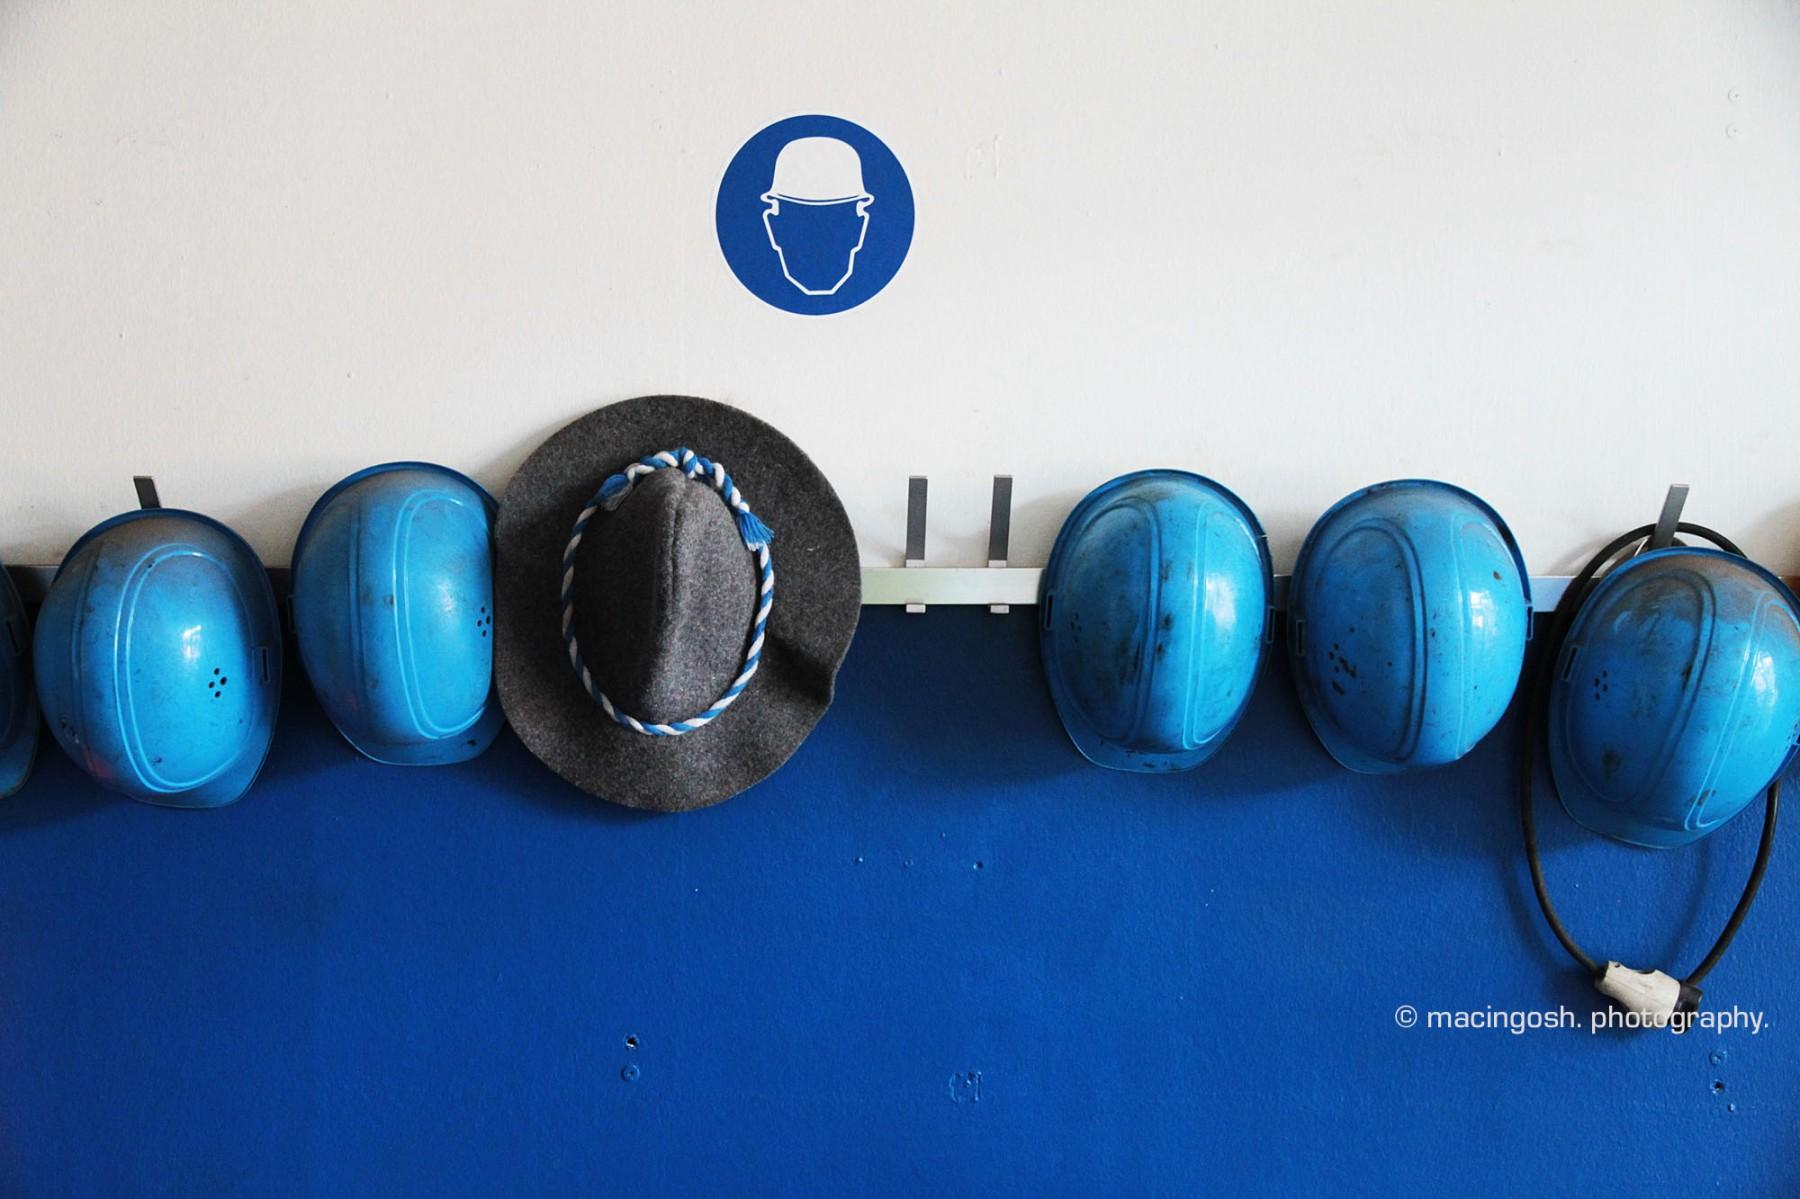 helmets, bavarian hat, blue, white